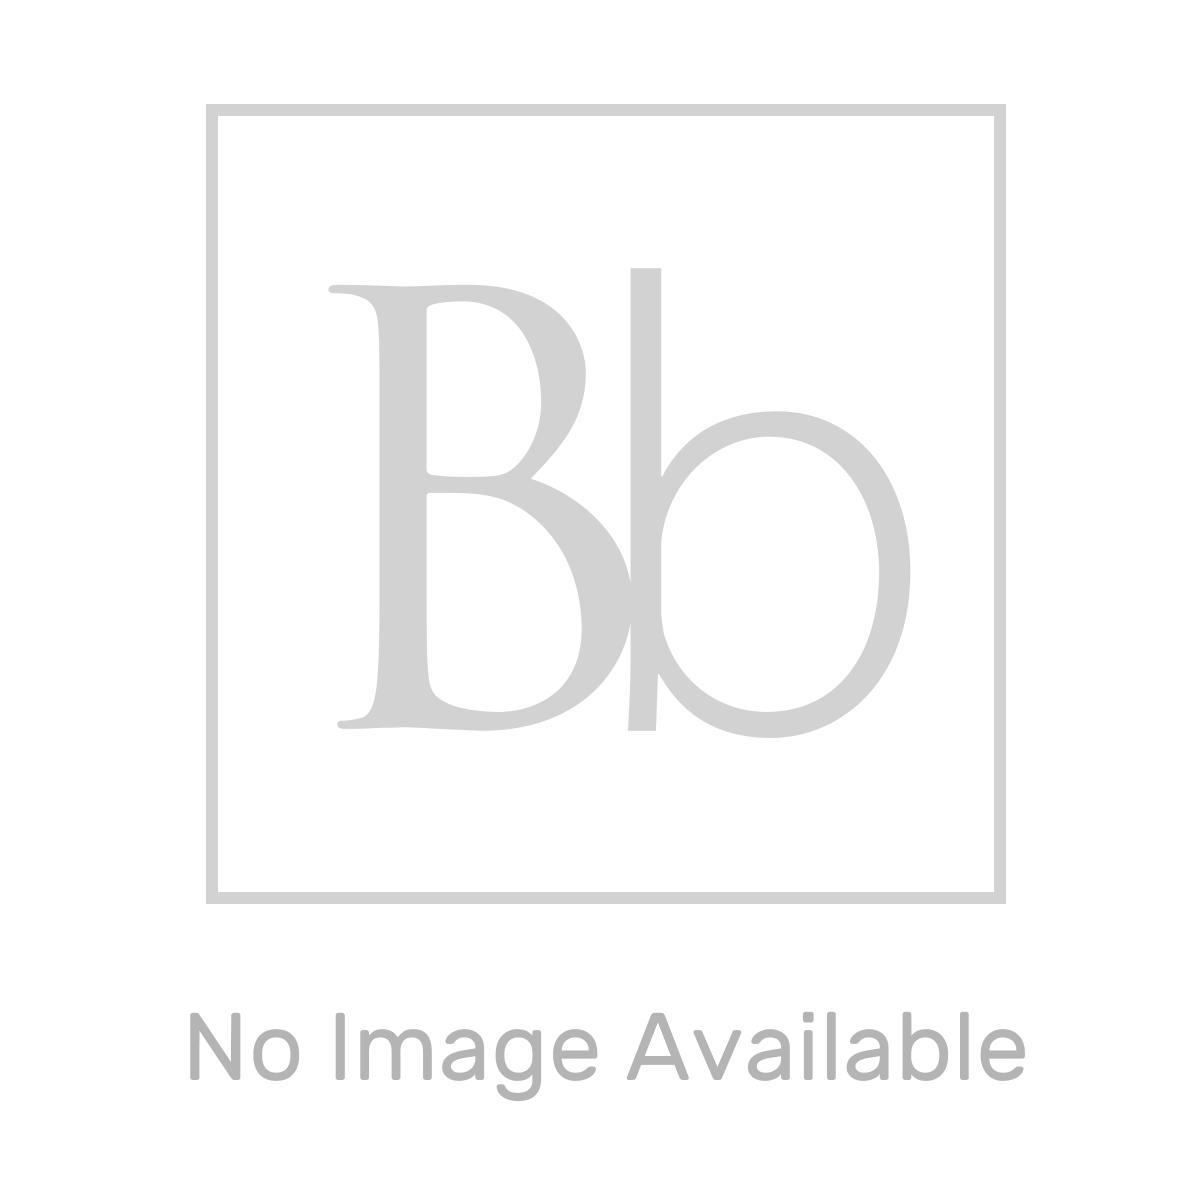 Sensio Portland Non Illuminated Bevell Mirror 600 x 400 x 16 1